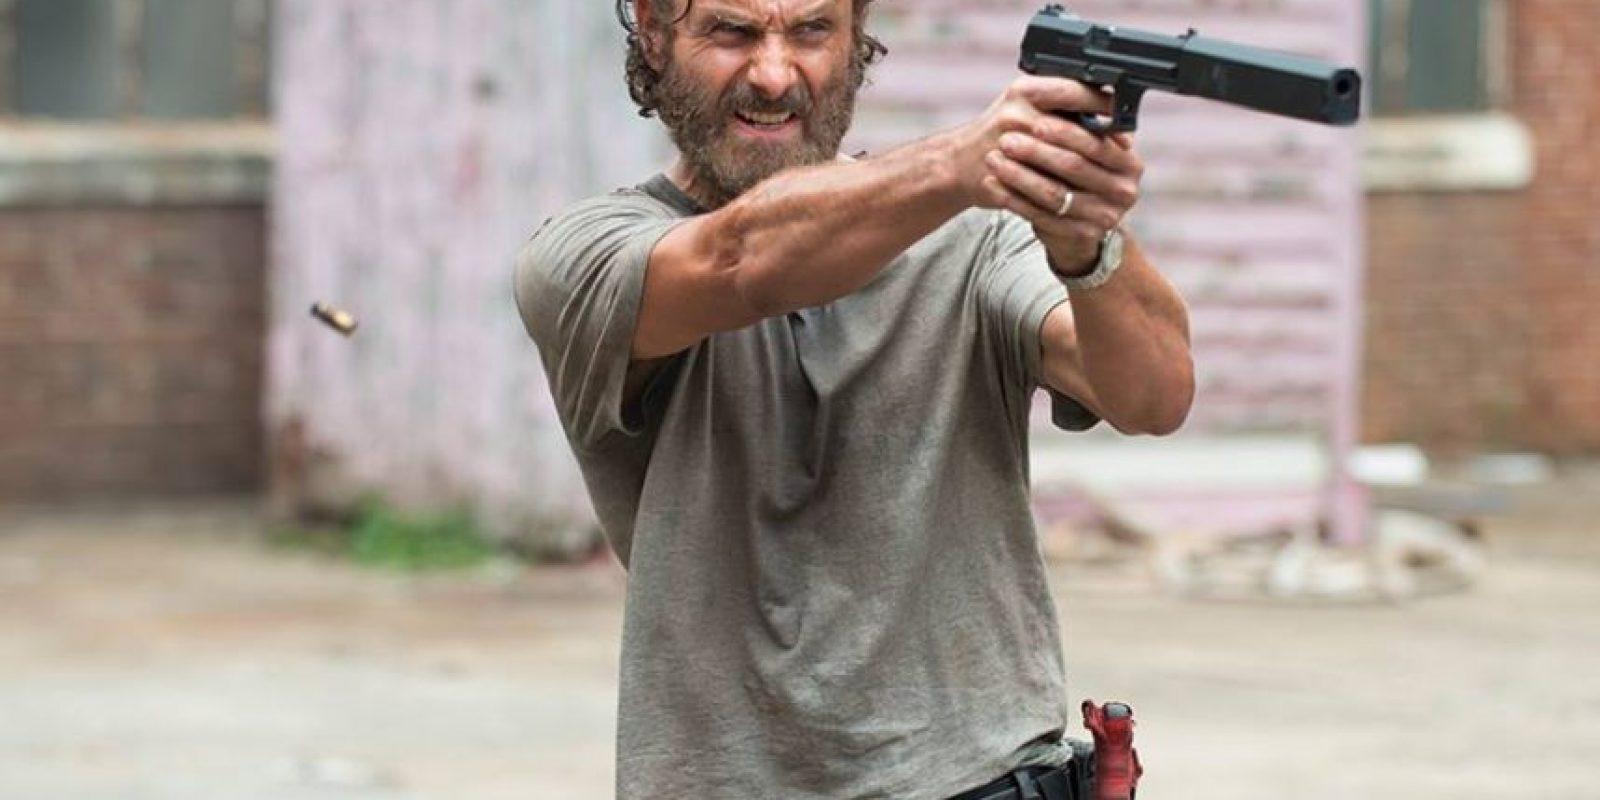 Rick estuvo en coma por un largo periodo, al despertar se encontró con un mundo lleno de zombis. A lo largo de la historia, Grimes se encarga de buscar a su familia y comprender la nueva realidad. Foto:Facebook/The Walking Dead